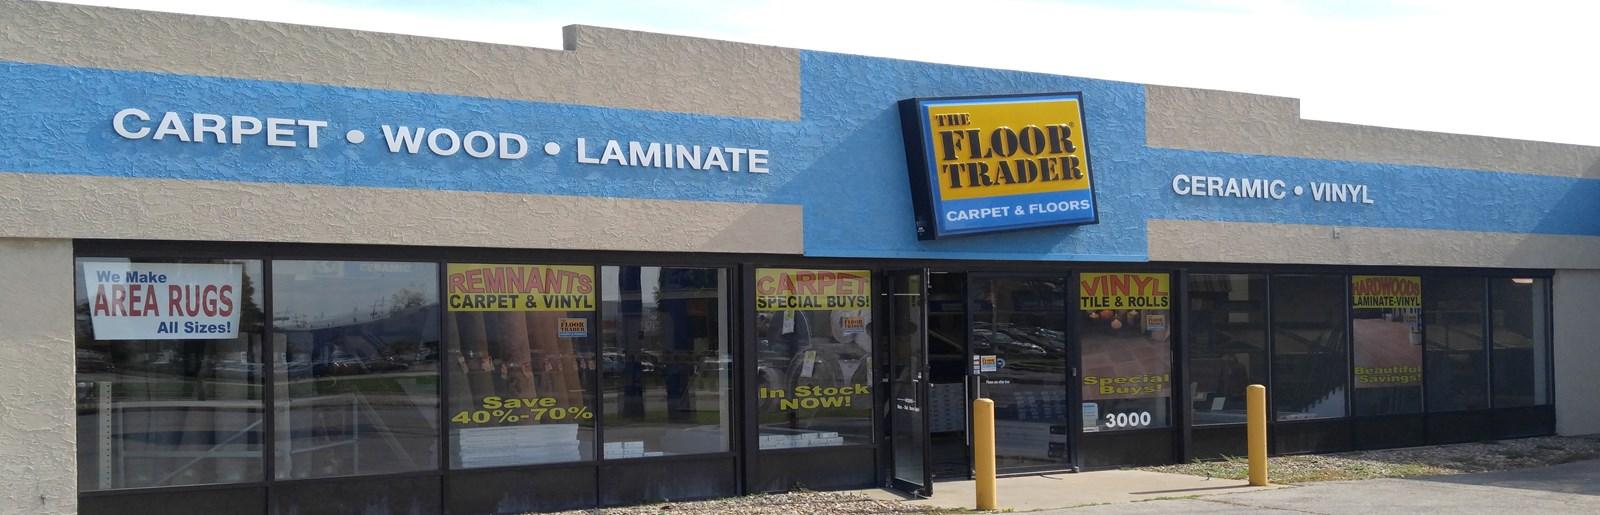 Flooring | Lawrence, KS - Lawrence Floor Trader